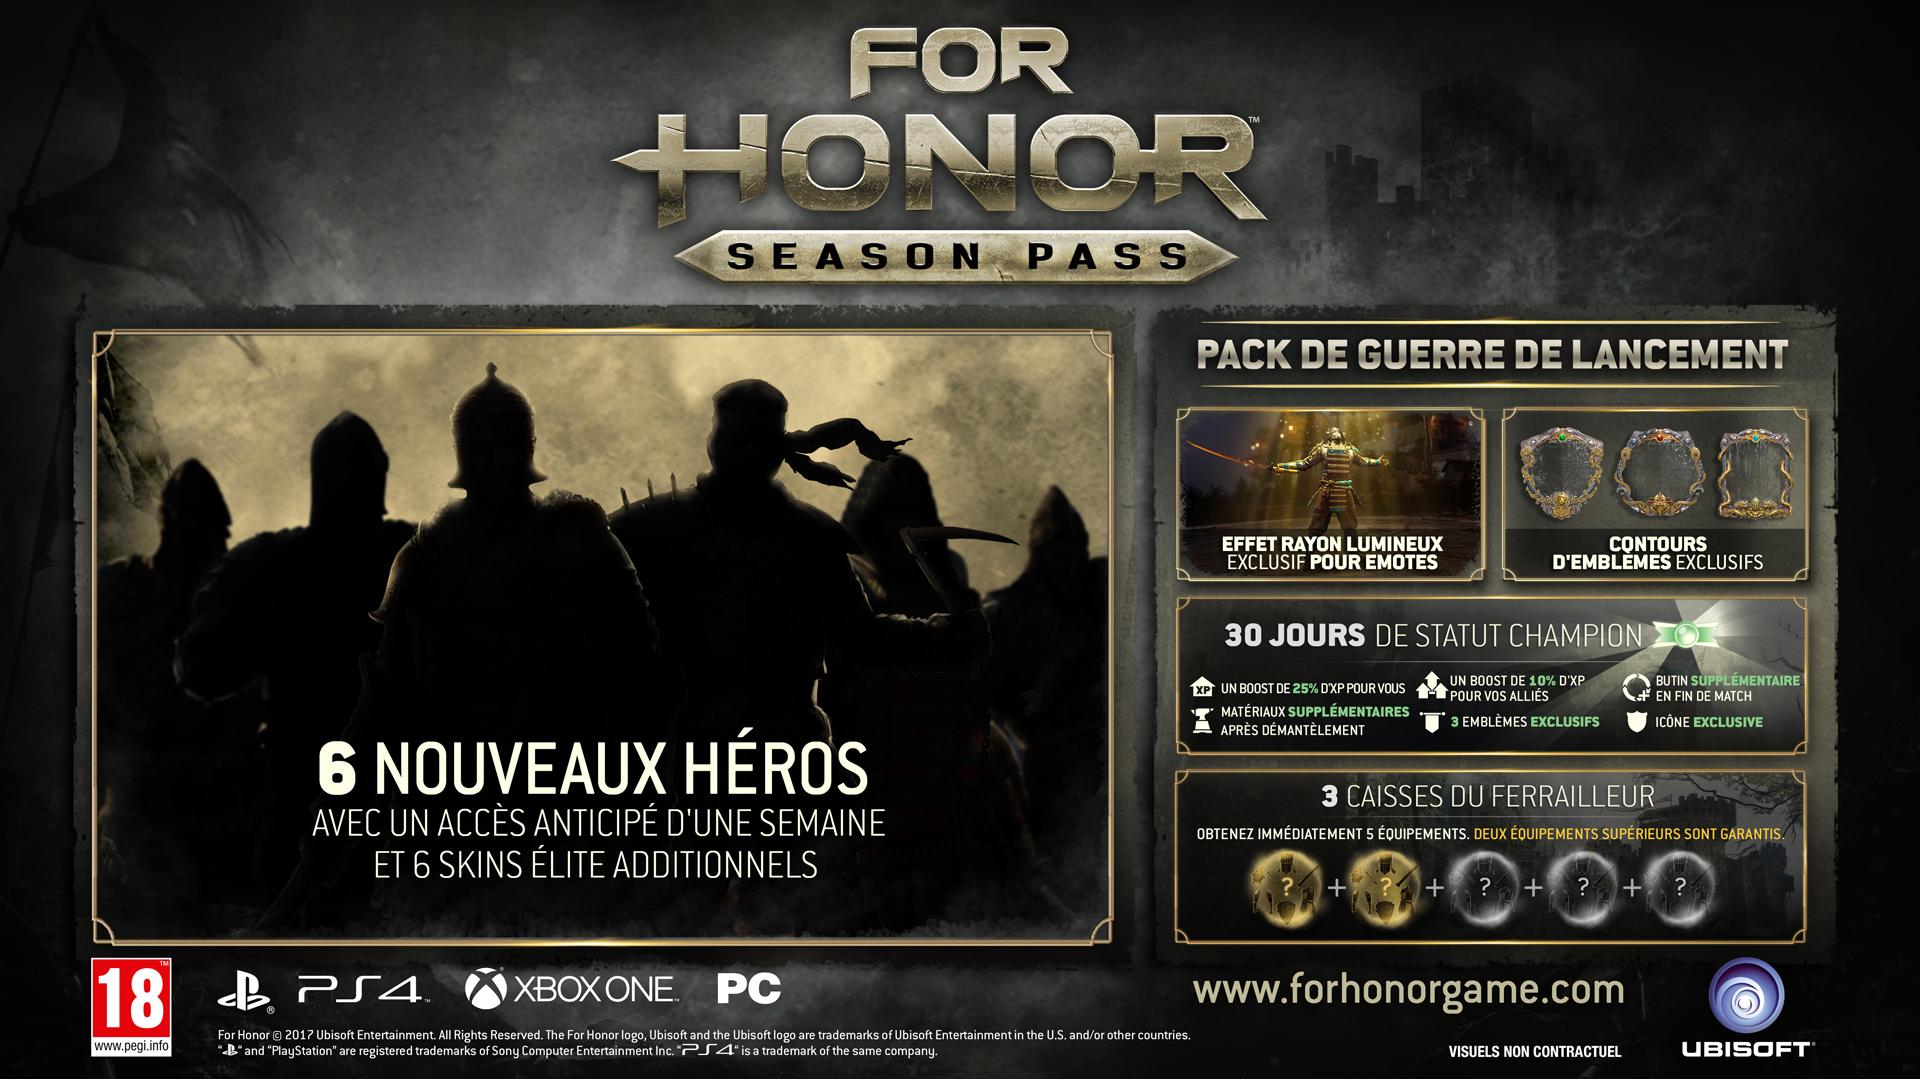 For_Honor_Season_Pass_Mock_Up_PR_170202_6pm_CET_FR_1486046320 Découvrez le season pass de For Honor